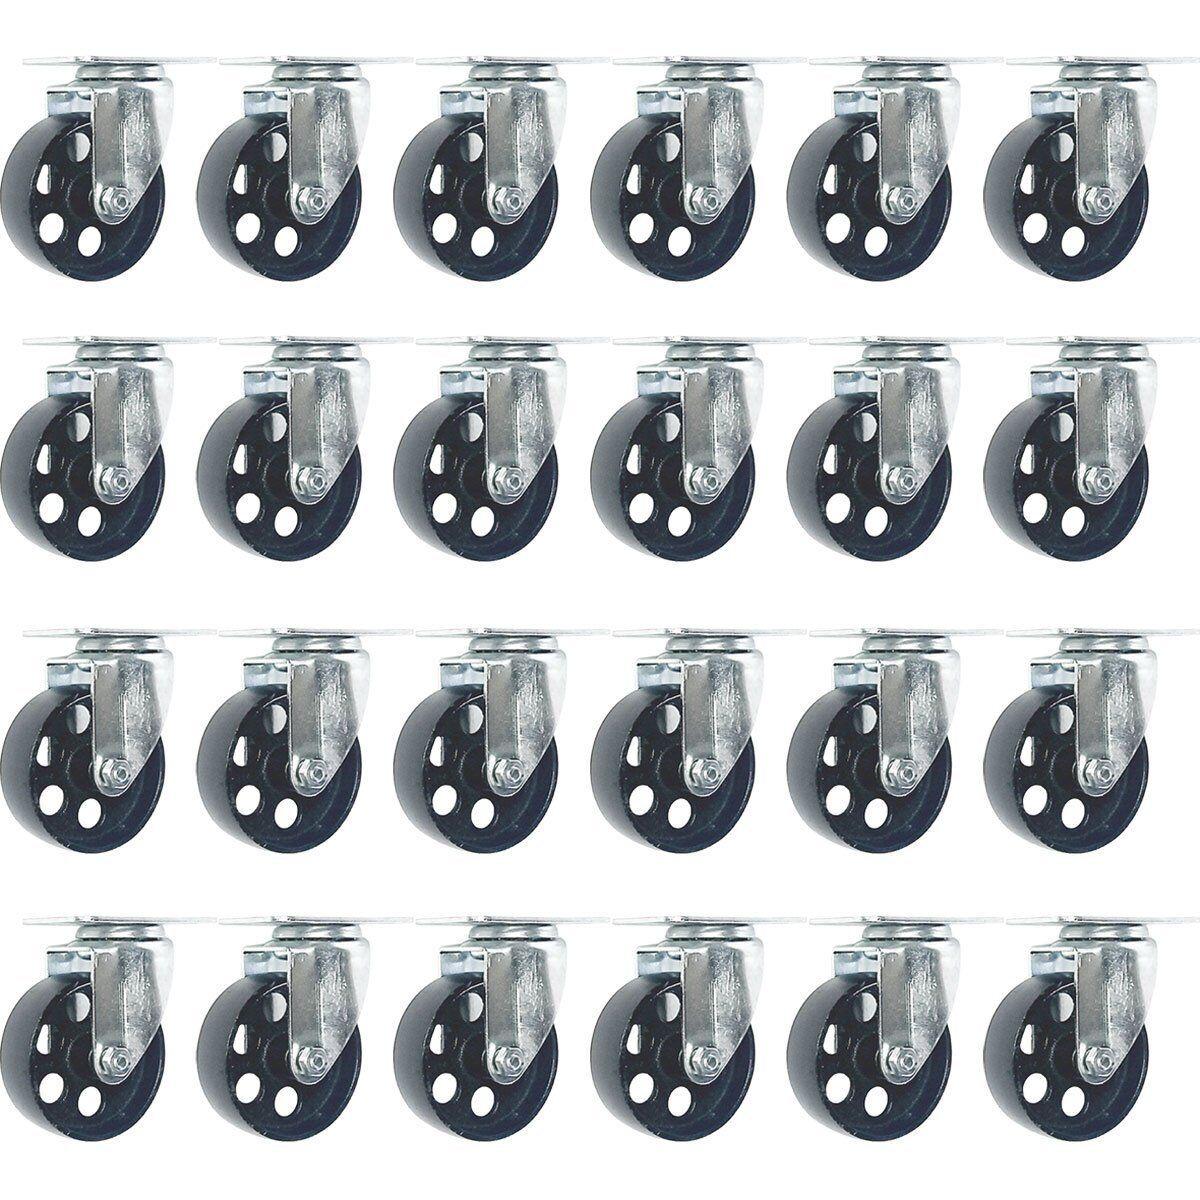 24 All Steel Swivel Caster Wheels Heavy Duty Steel (4  No Brake)